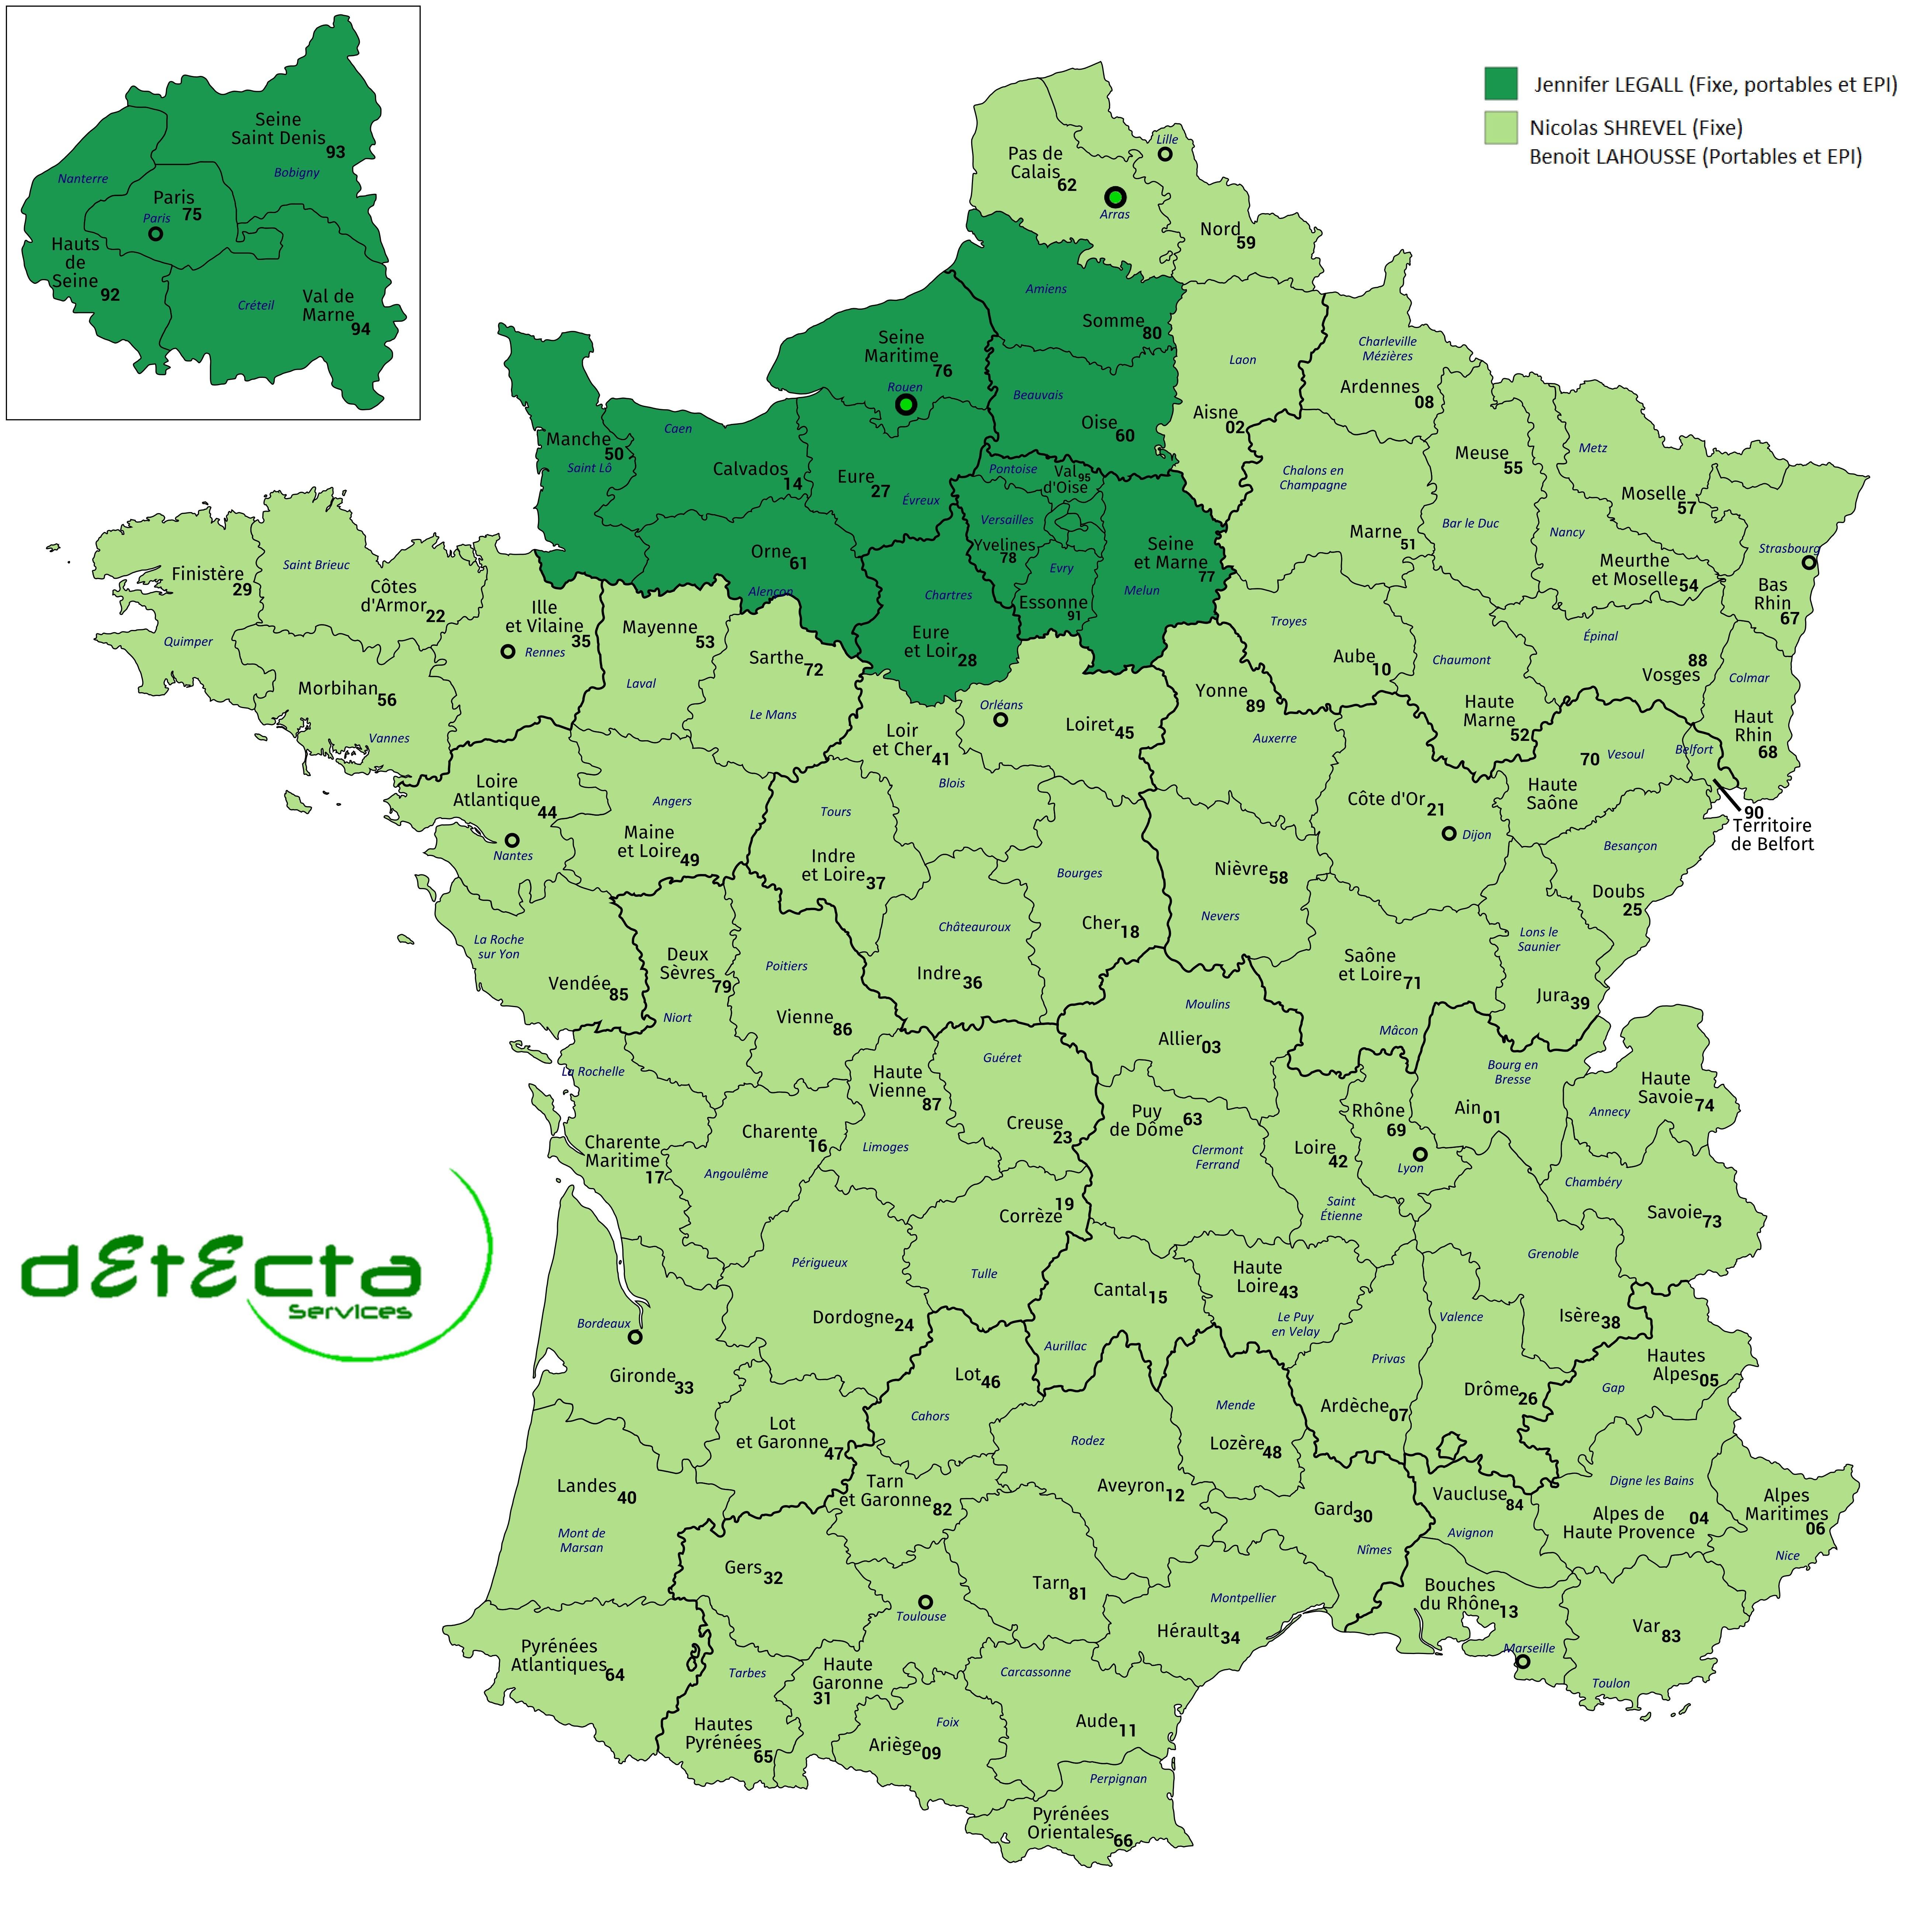 Detecta Services Ouvre Une Antenne En Normandie !